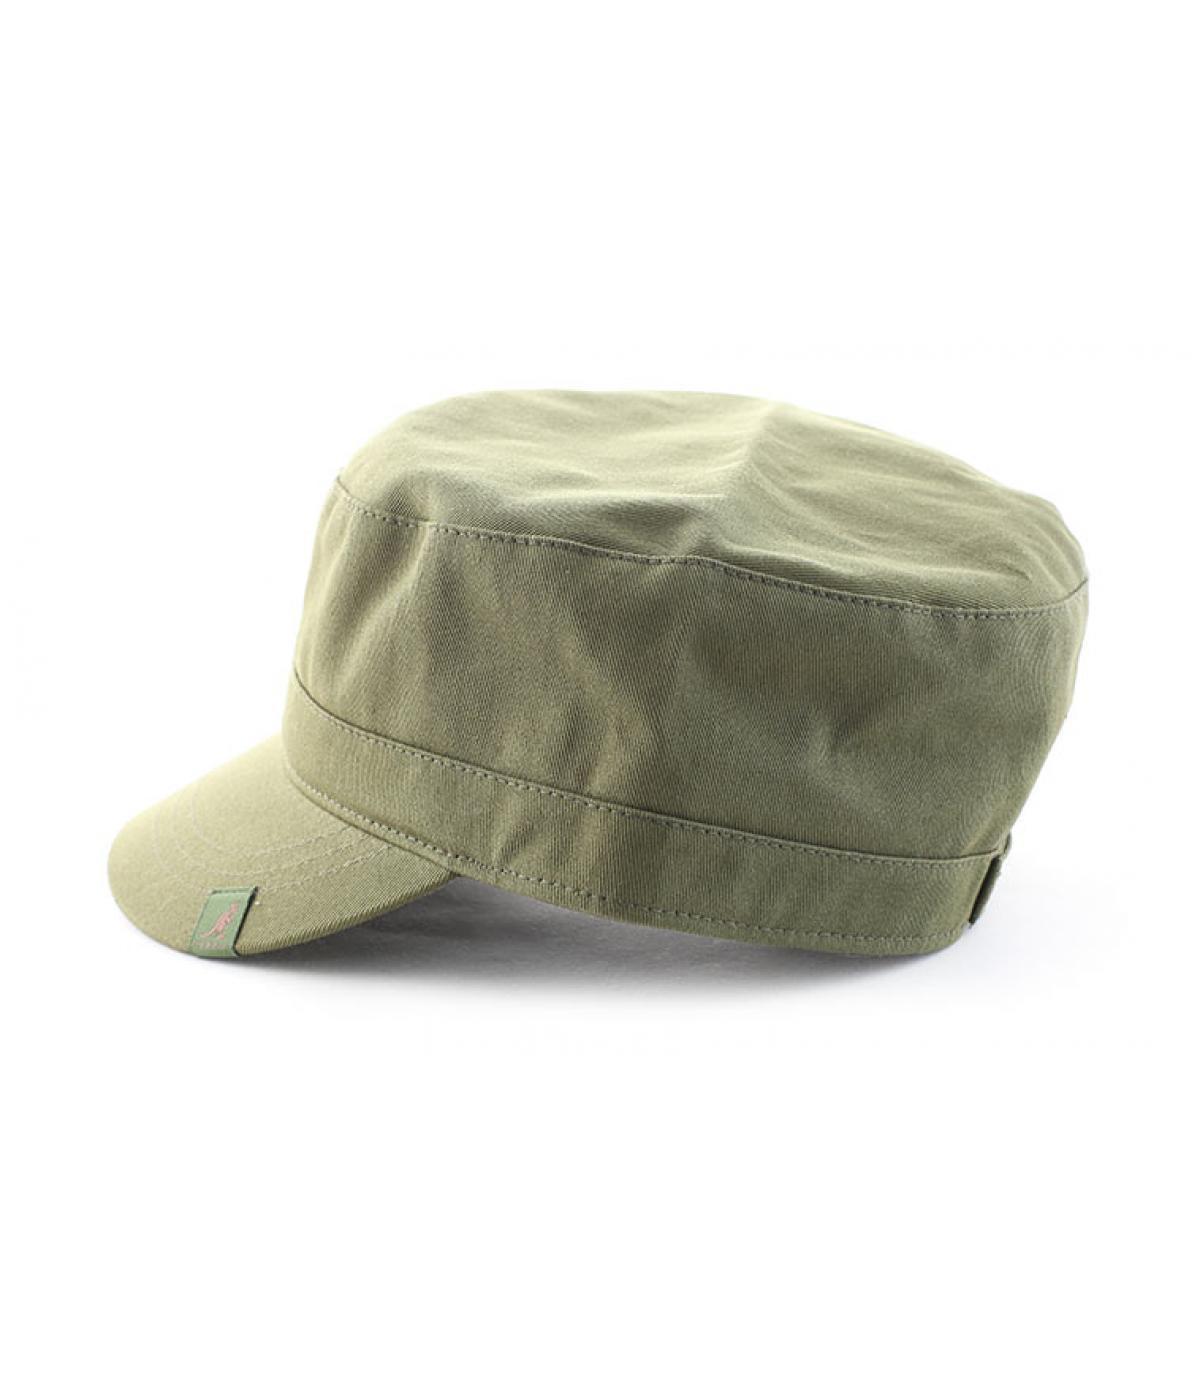 Détails Cotton twill army cap khaki - image 4